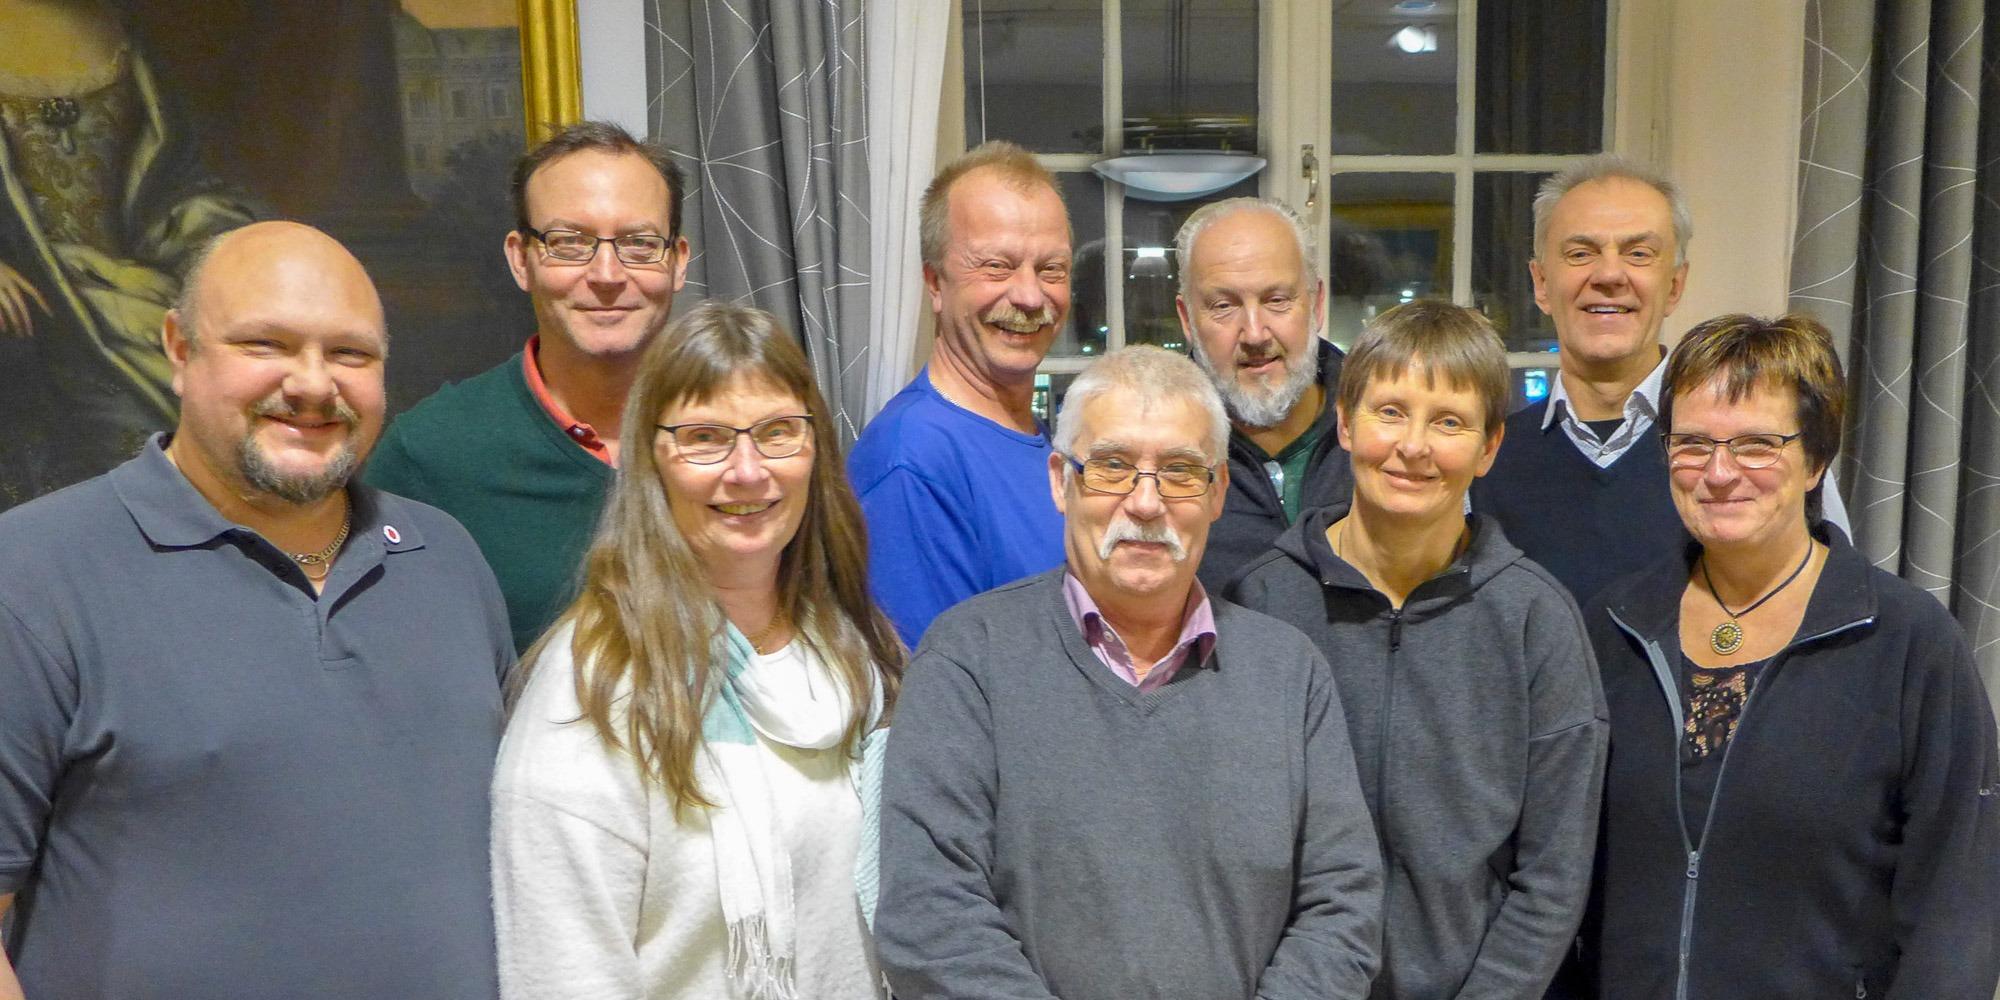 gruppbild på nio glada personer i medelåldern. Står framför ett stort fönster. Personerna är politiker i Askersunds kommun och har gått Suntarbetslivs arbetsmiljöutbildnng.